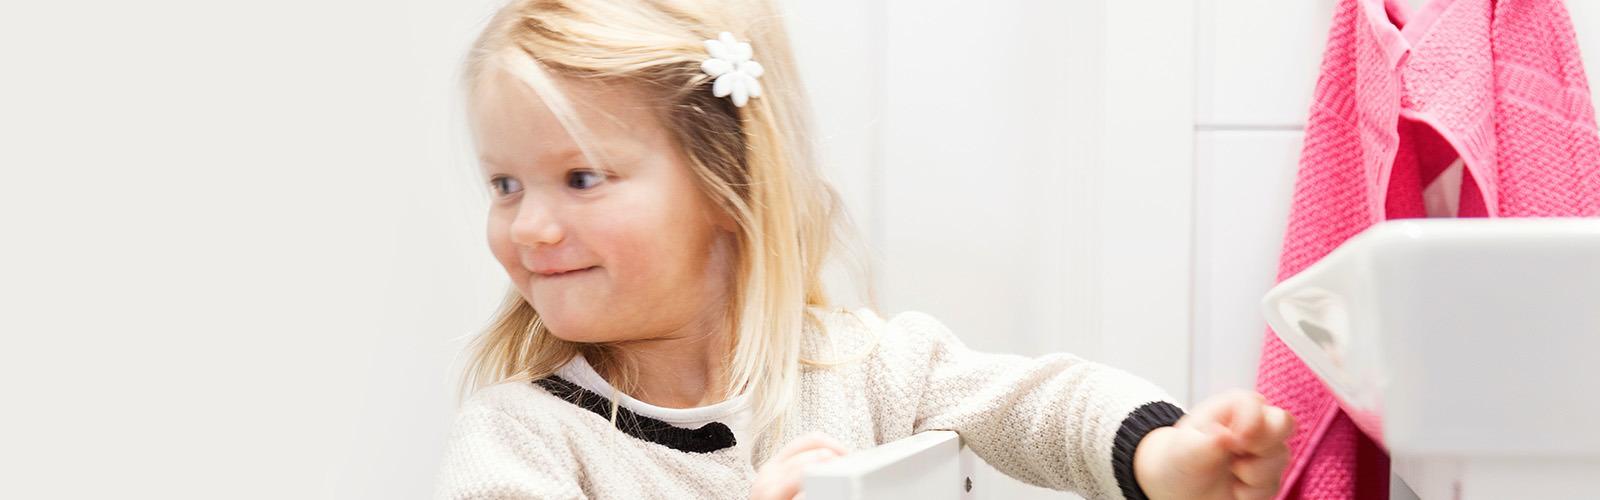 Näsäviisas kolmevuotias tyttö kääntyy katsomaan henkilöä avatessaan laatikkoa kylpyhuoneessa, ylpeänä siitä, että osaa itse.